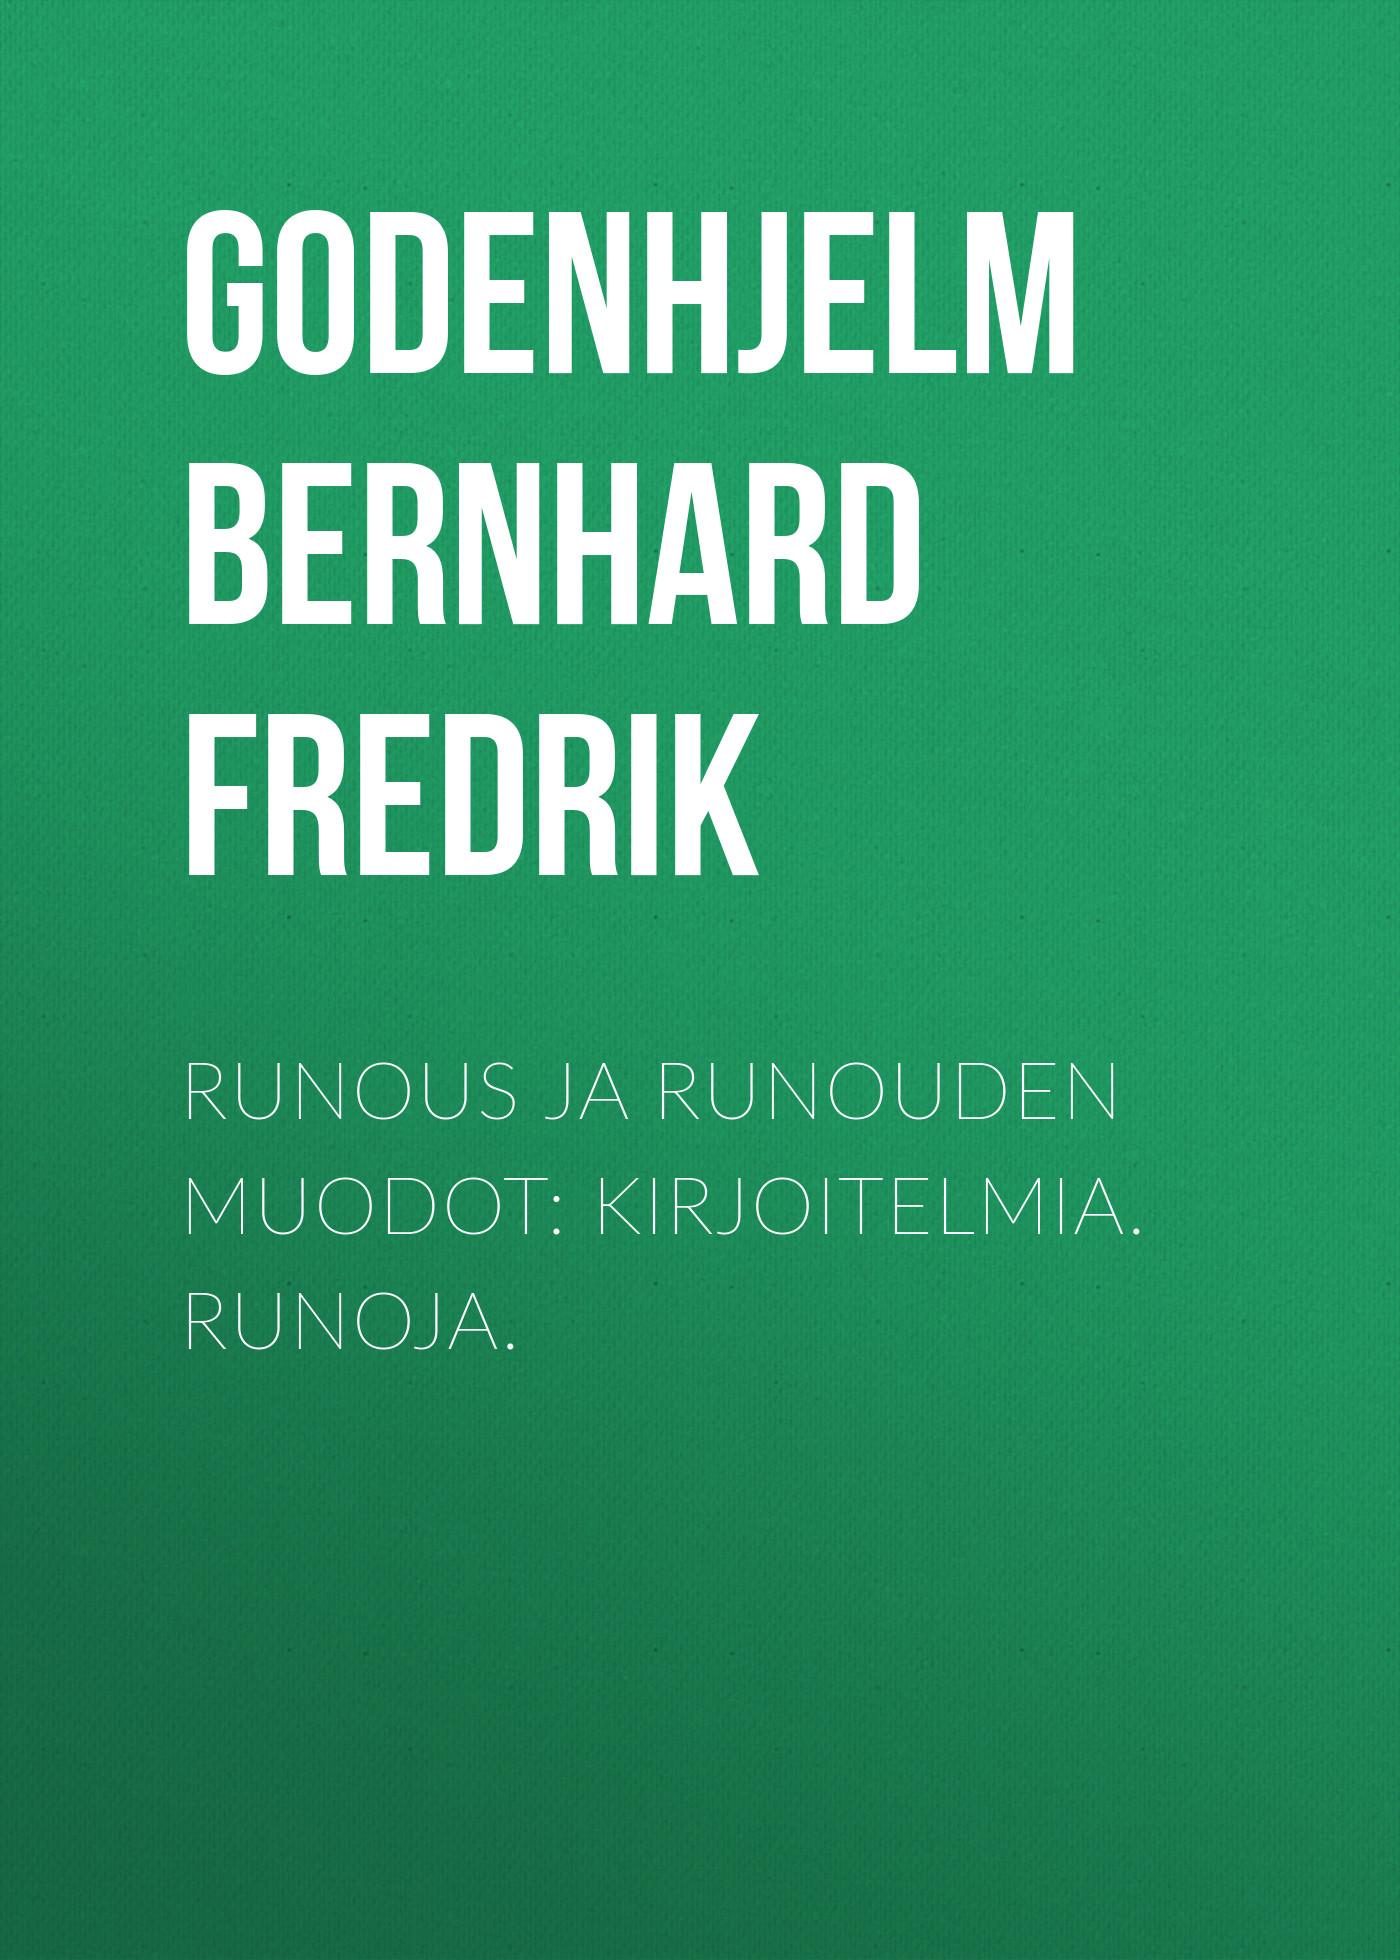 Godenhjelm Bernhard Fredrik Runous ja runouden muodot: Kirjoitelmia. Runoja.